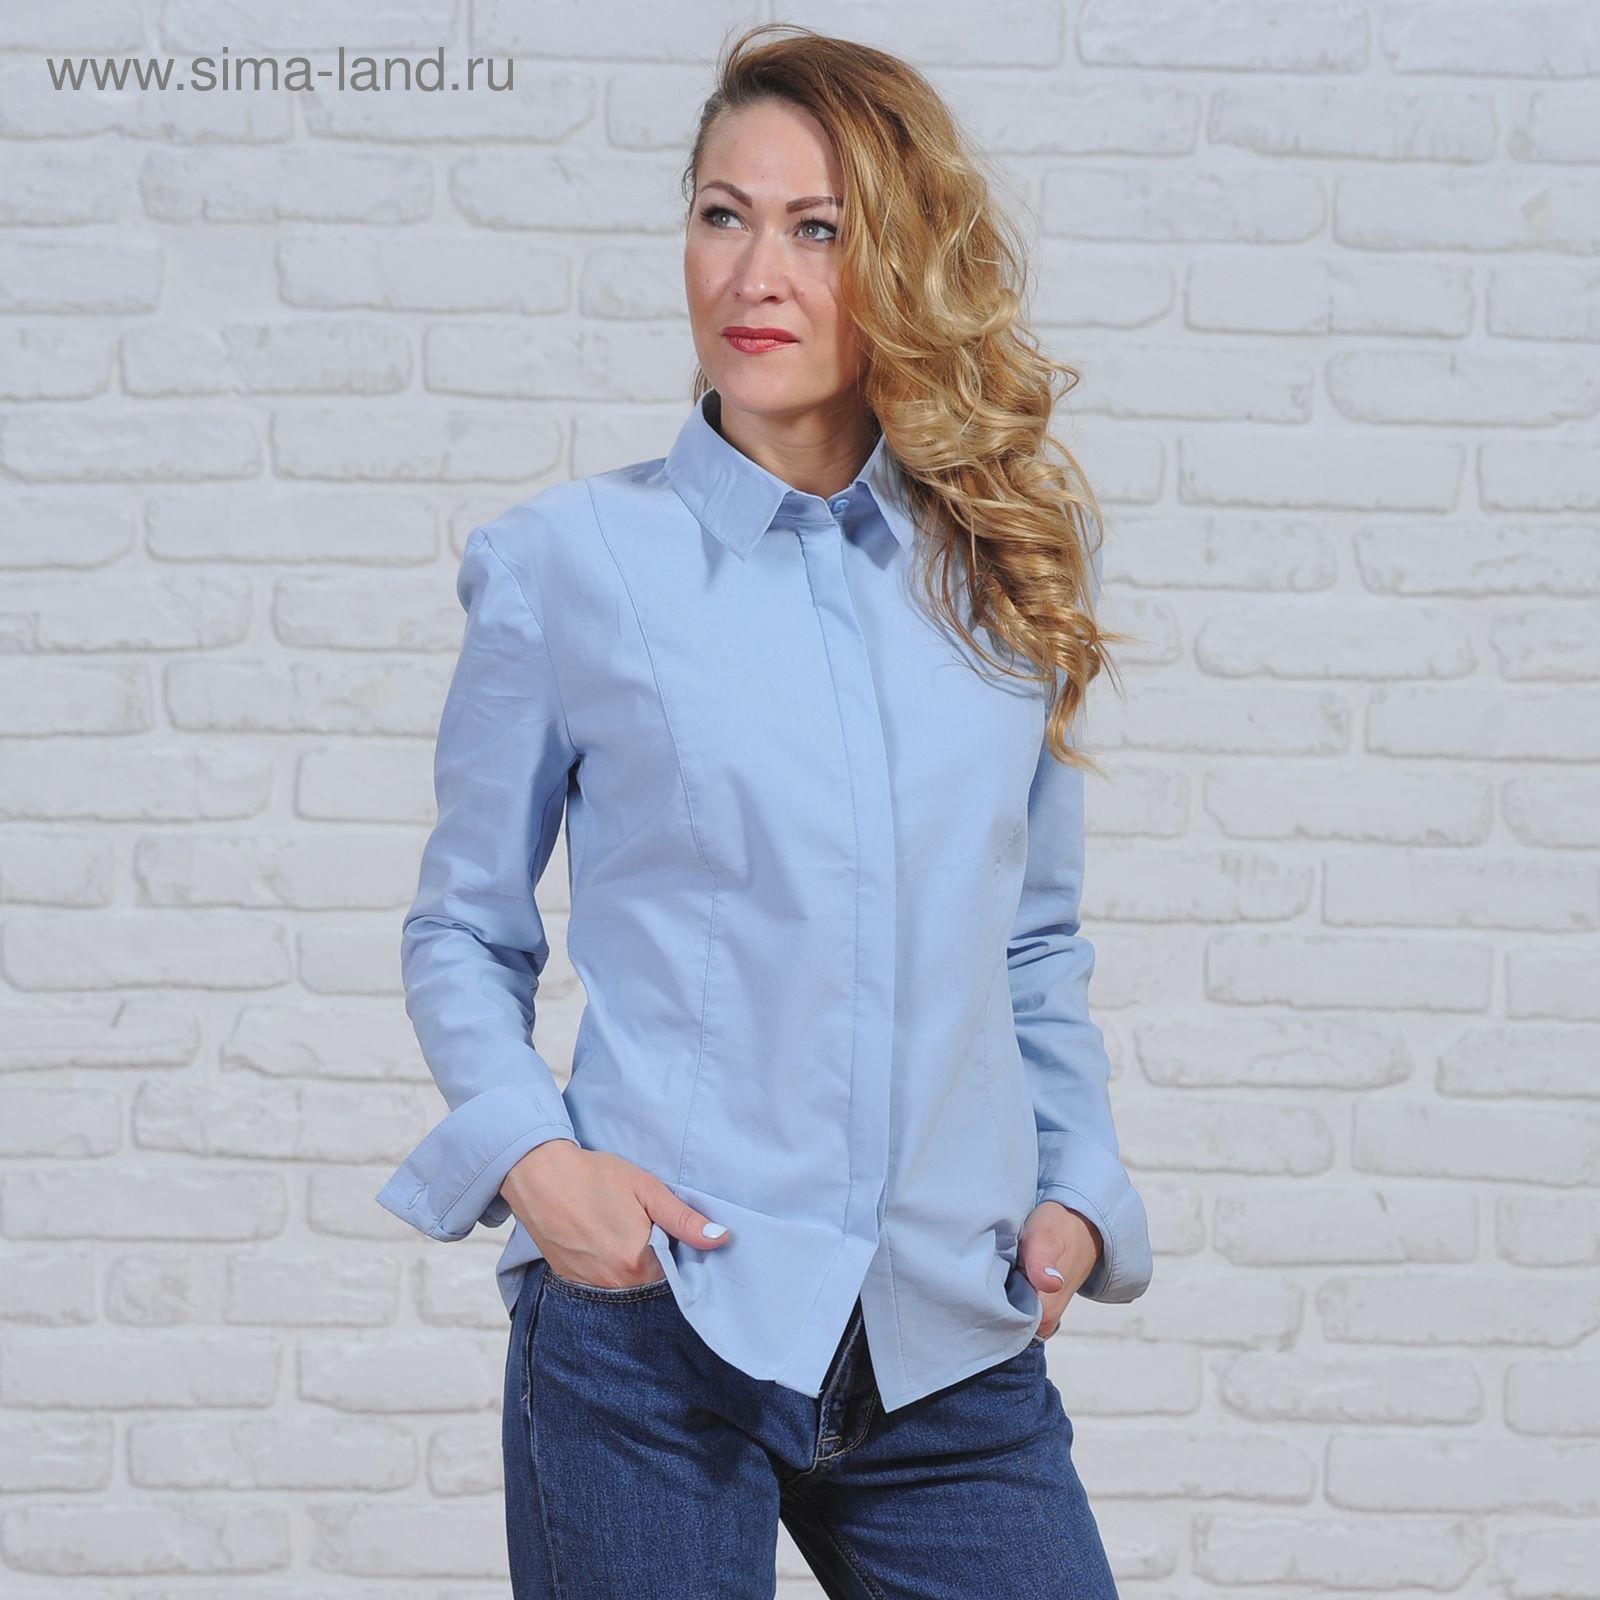 5525336a7ba0 Рубашка женская классическая, размер 46, рост 164 см, цвет голубой ...